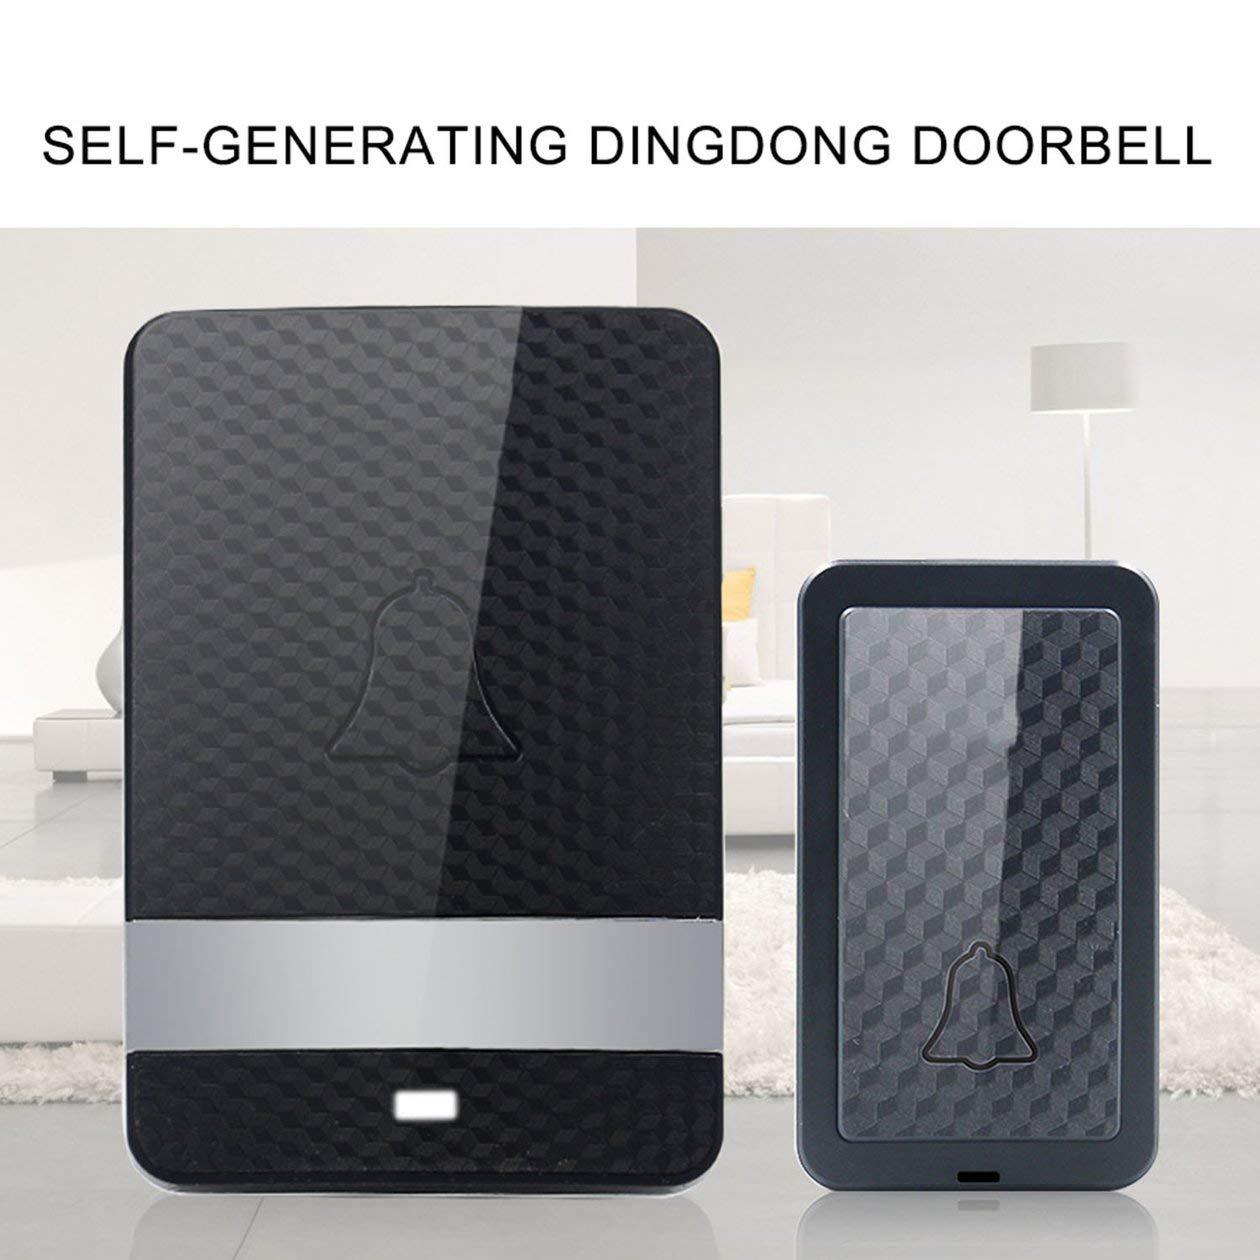 Sonnette /étanche sans fil Dingdong auto-aliment/ée 28 sonneries longue distance sans pile 1 /émetteur 1 r/écepteur noir